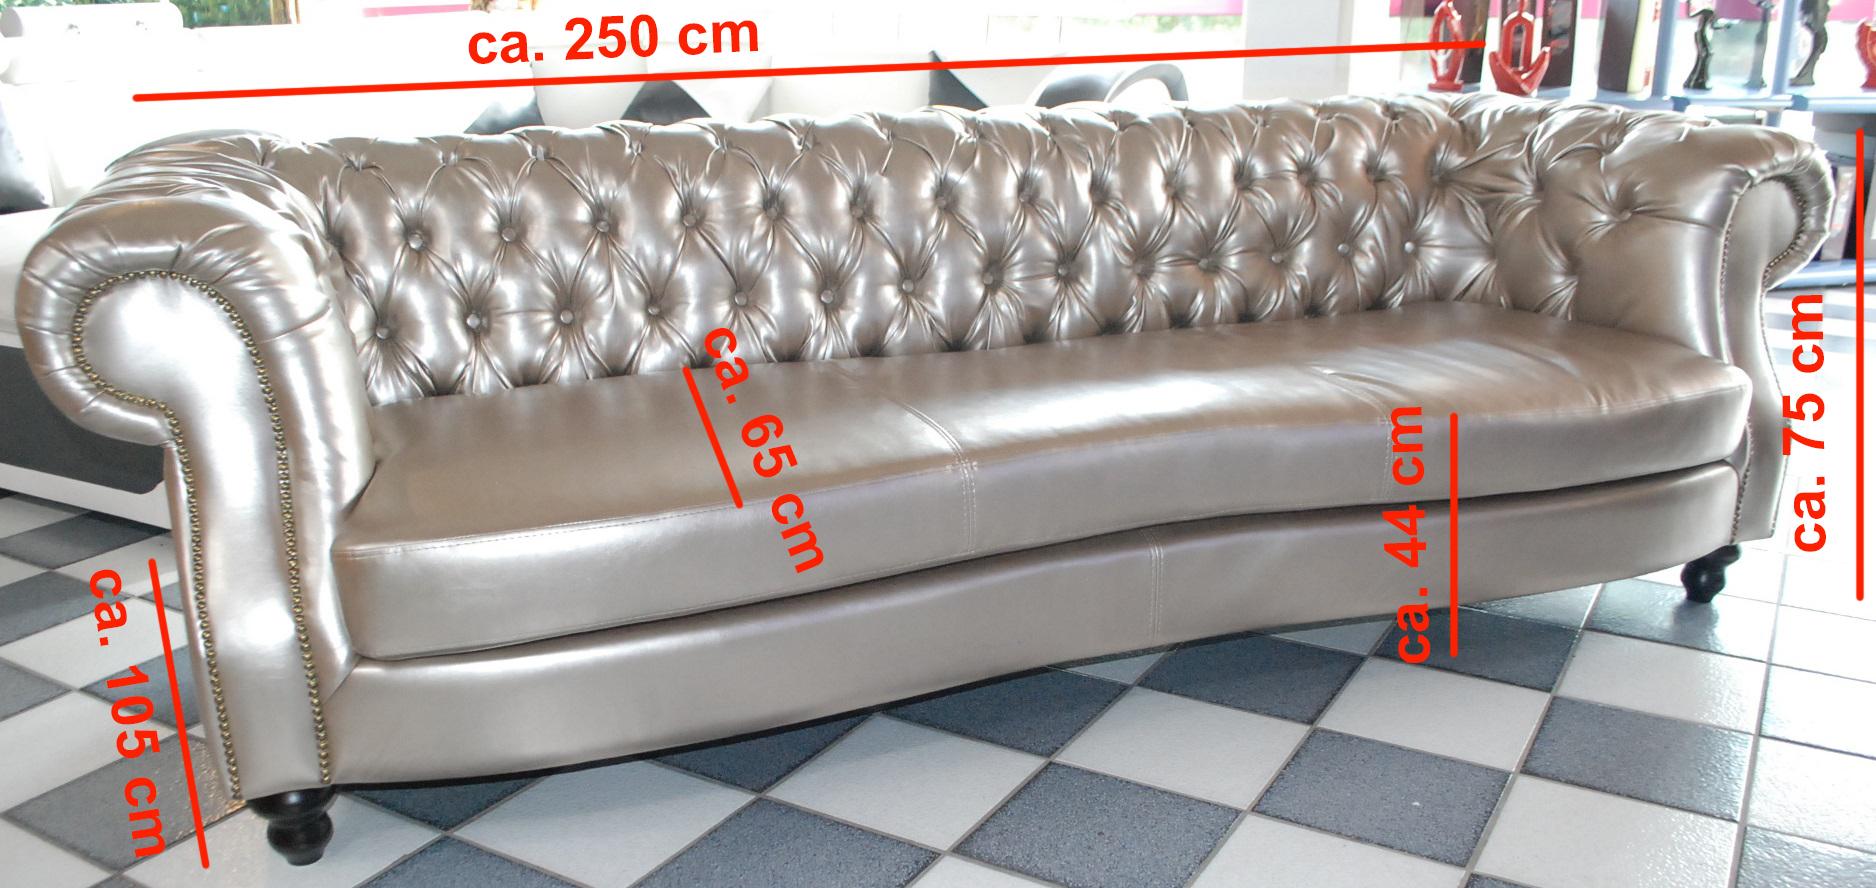 chesterfield charly 250cm sofort lieferbar la design m bel ledersofa sofa. Black Bedroom Furniture Sets. Home Design Ideas